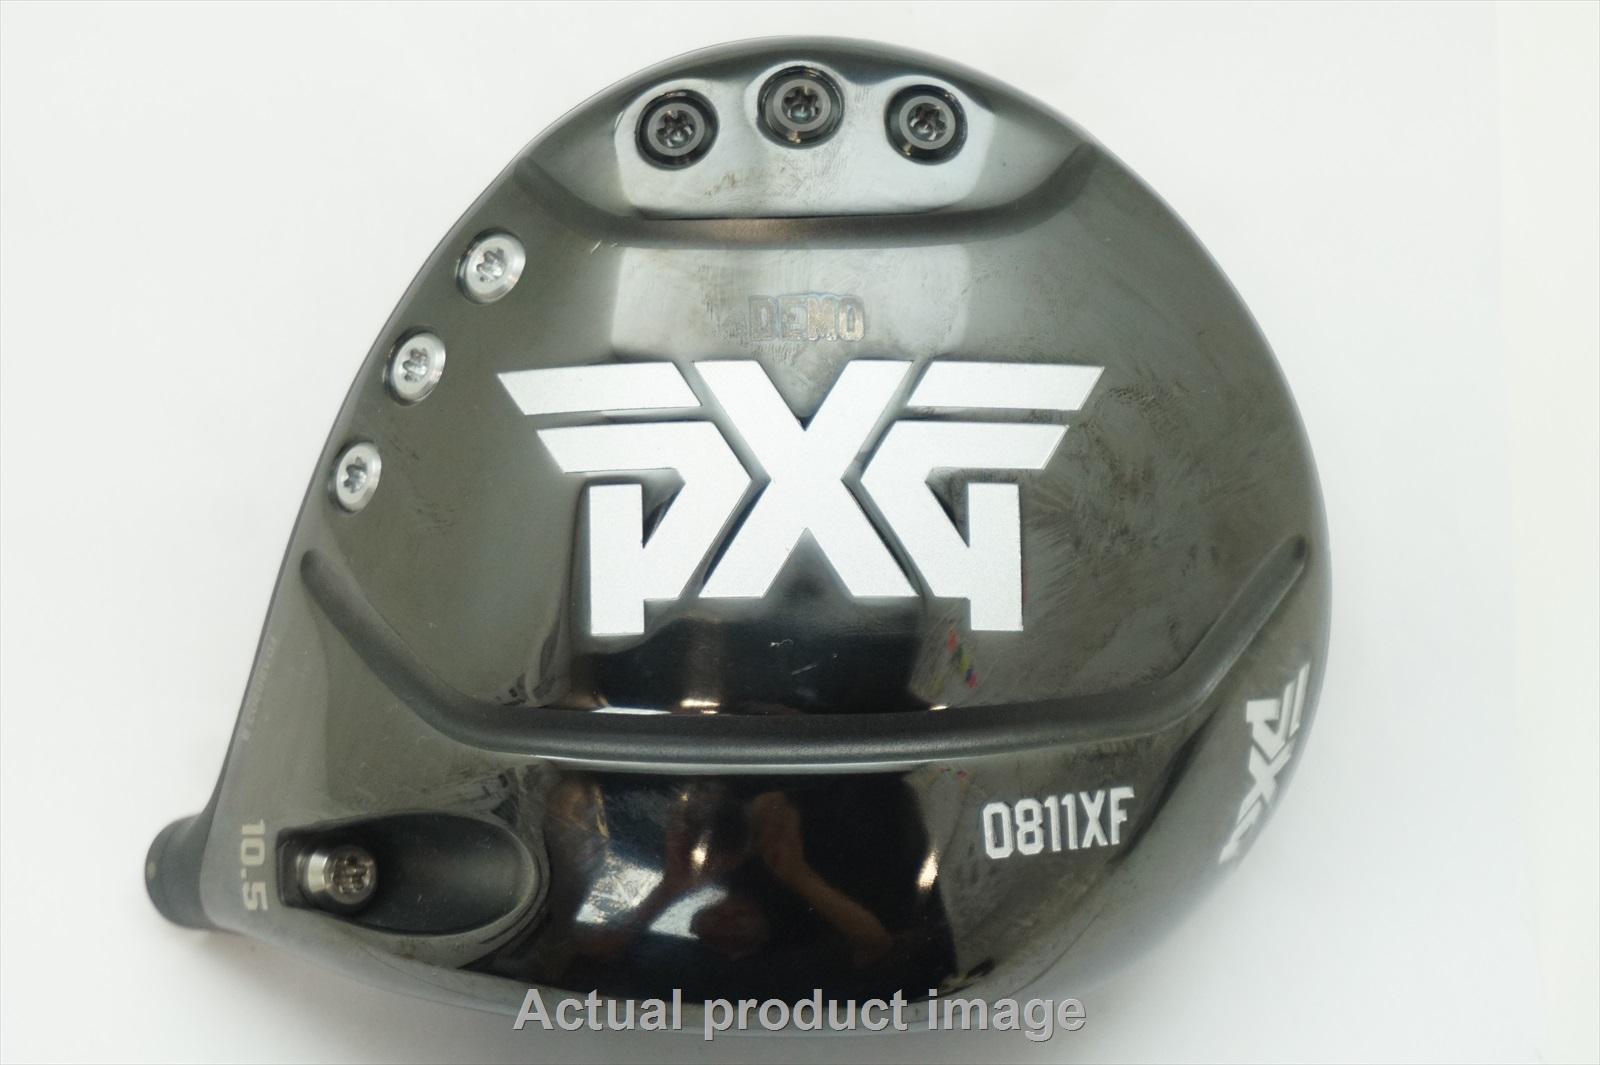 Doux Pxg 0811xf Demo 10.5 * Degré Driver Club Tête Seulement 763225-afficher Le Titre D'origine